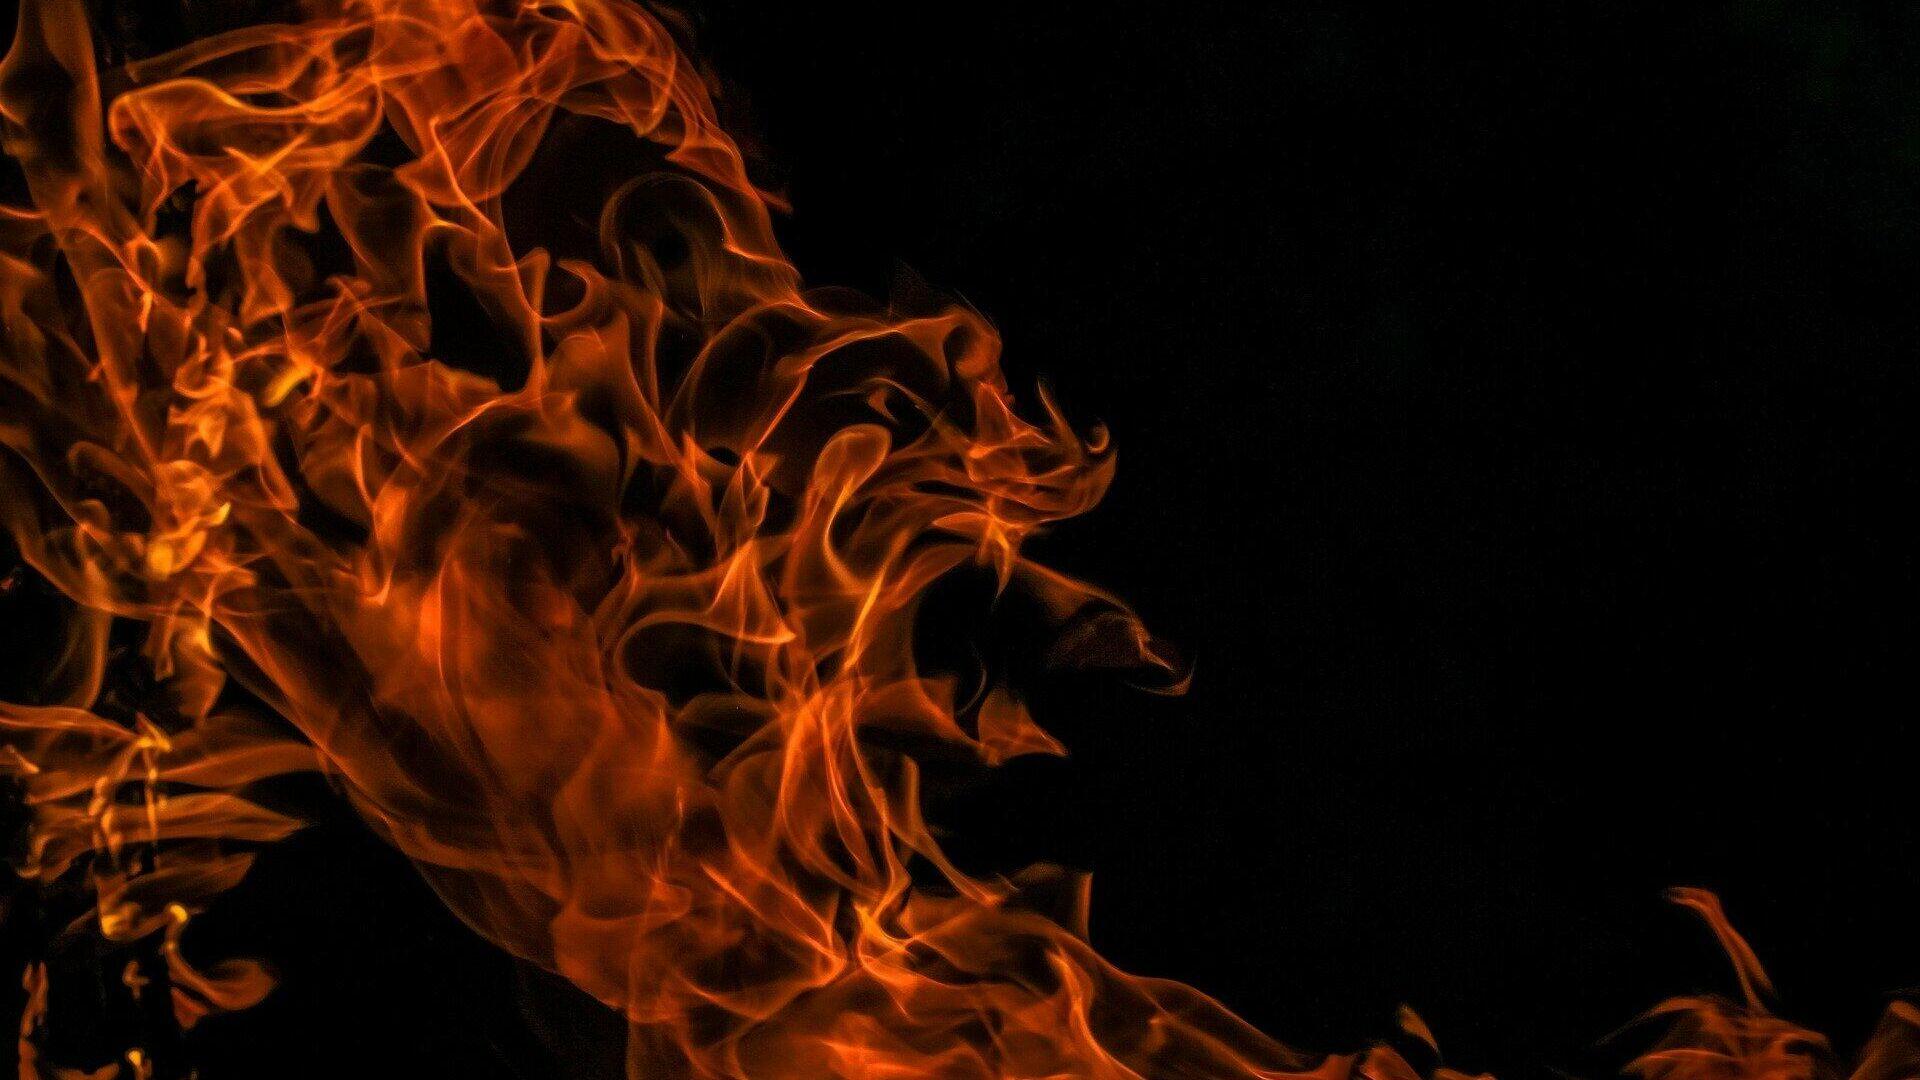 Fuego (imagen referencial) - Sputnik Mundo, 1920, 13.03.2021